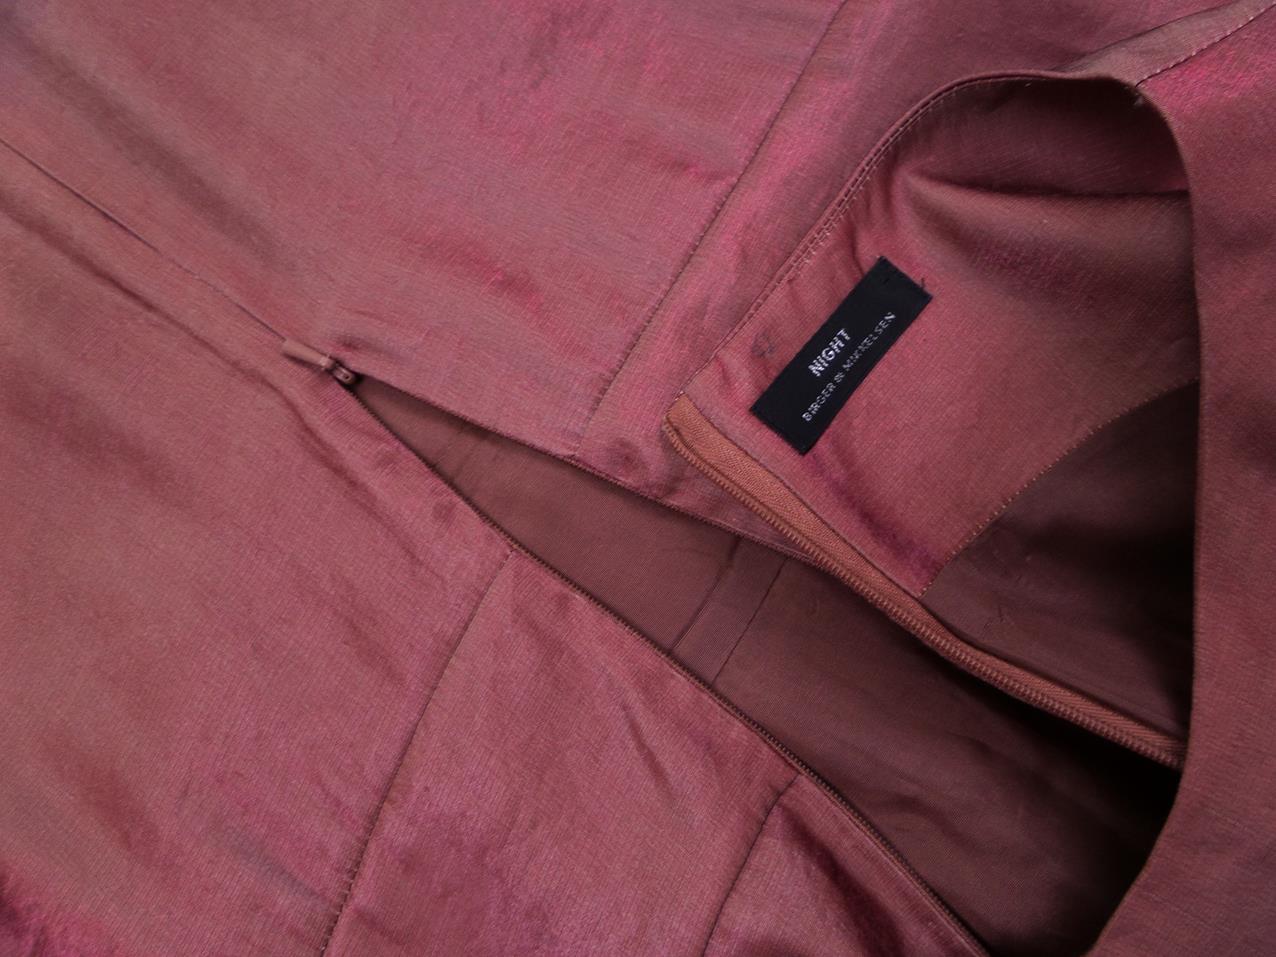 ... NATT Birger et Mikkelsen storlek 34 klänning remmar på paljetter.    b39c5ad1c7fdb